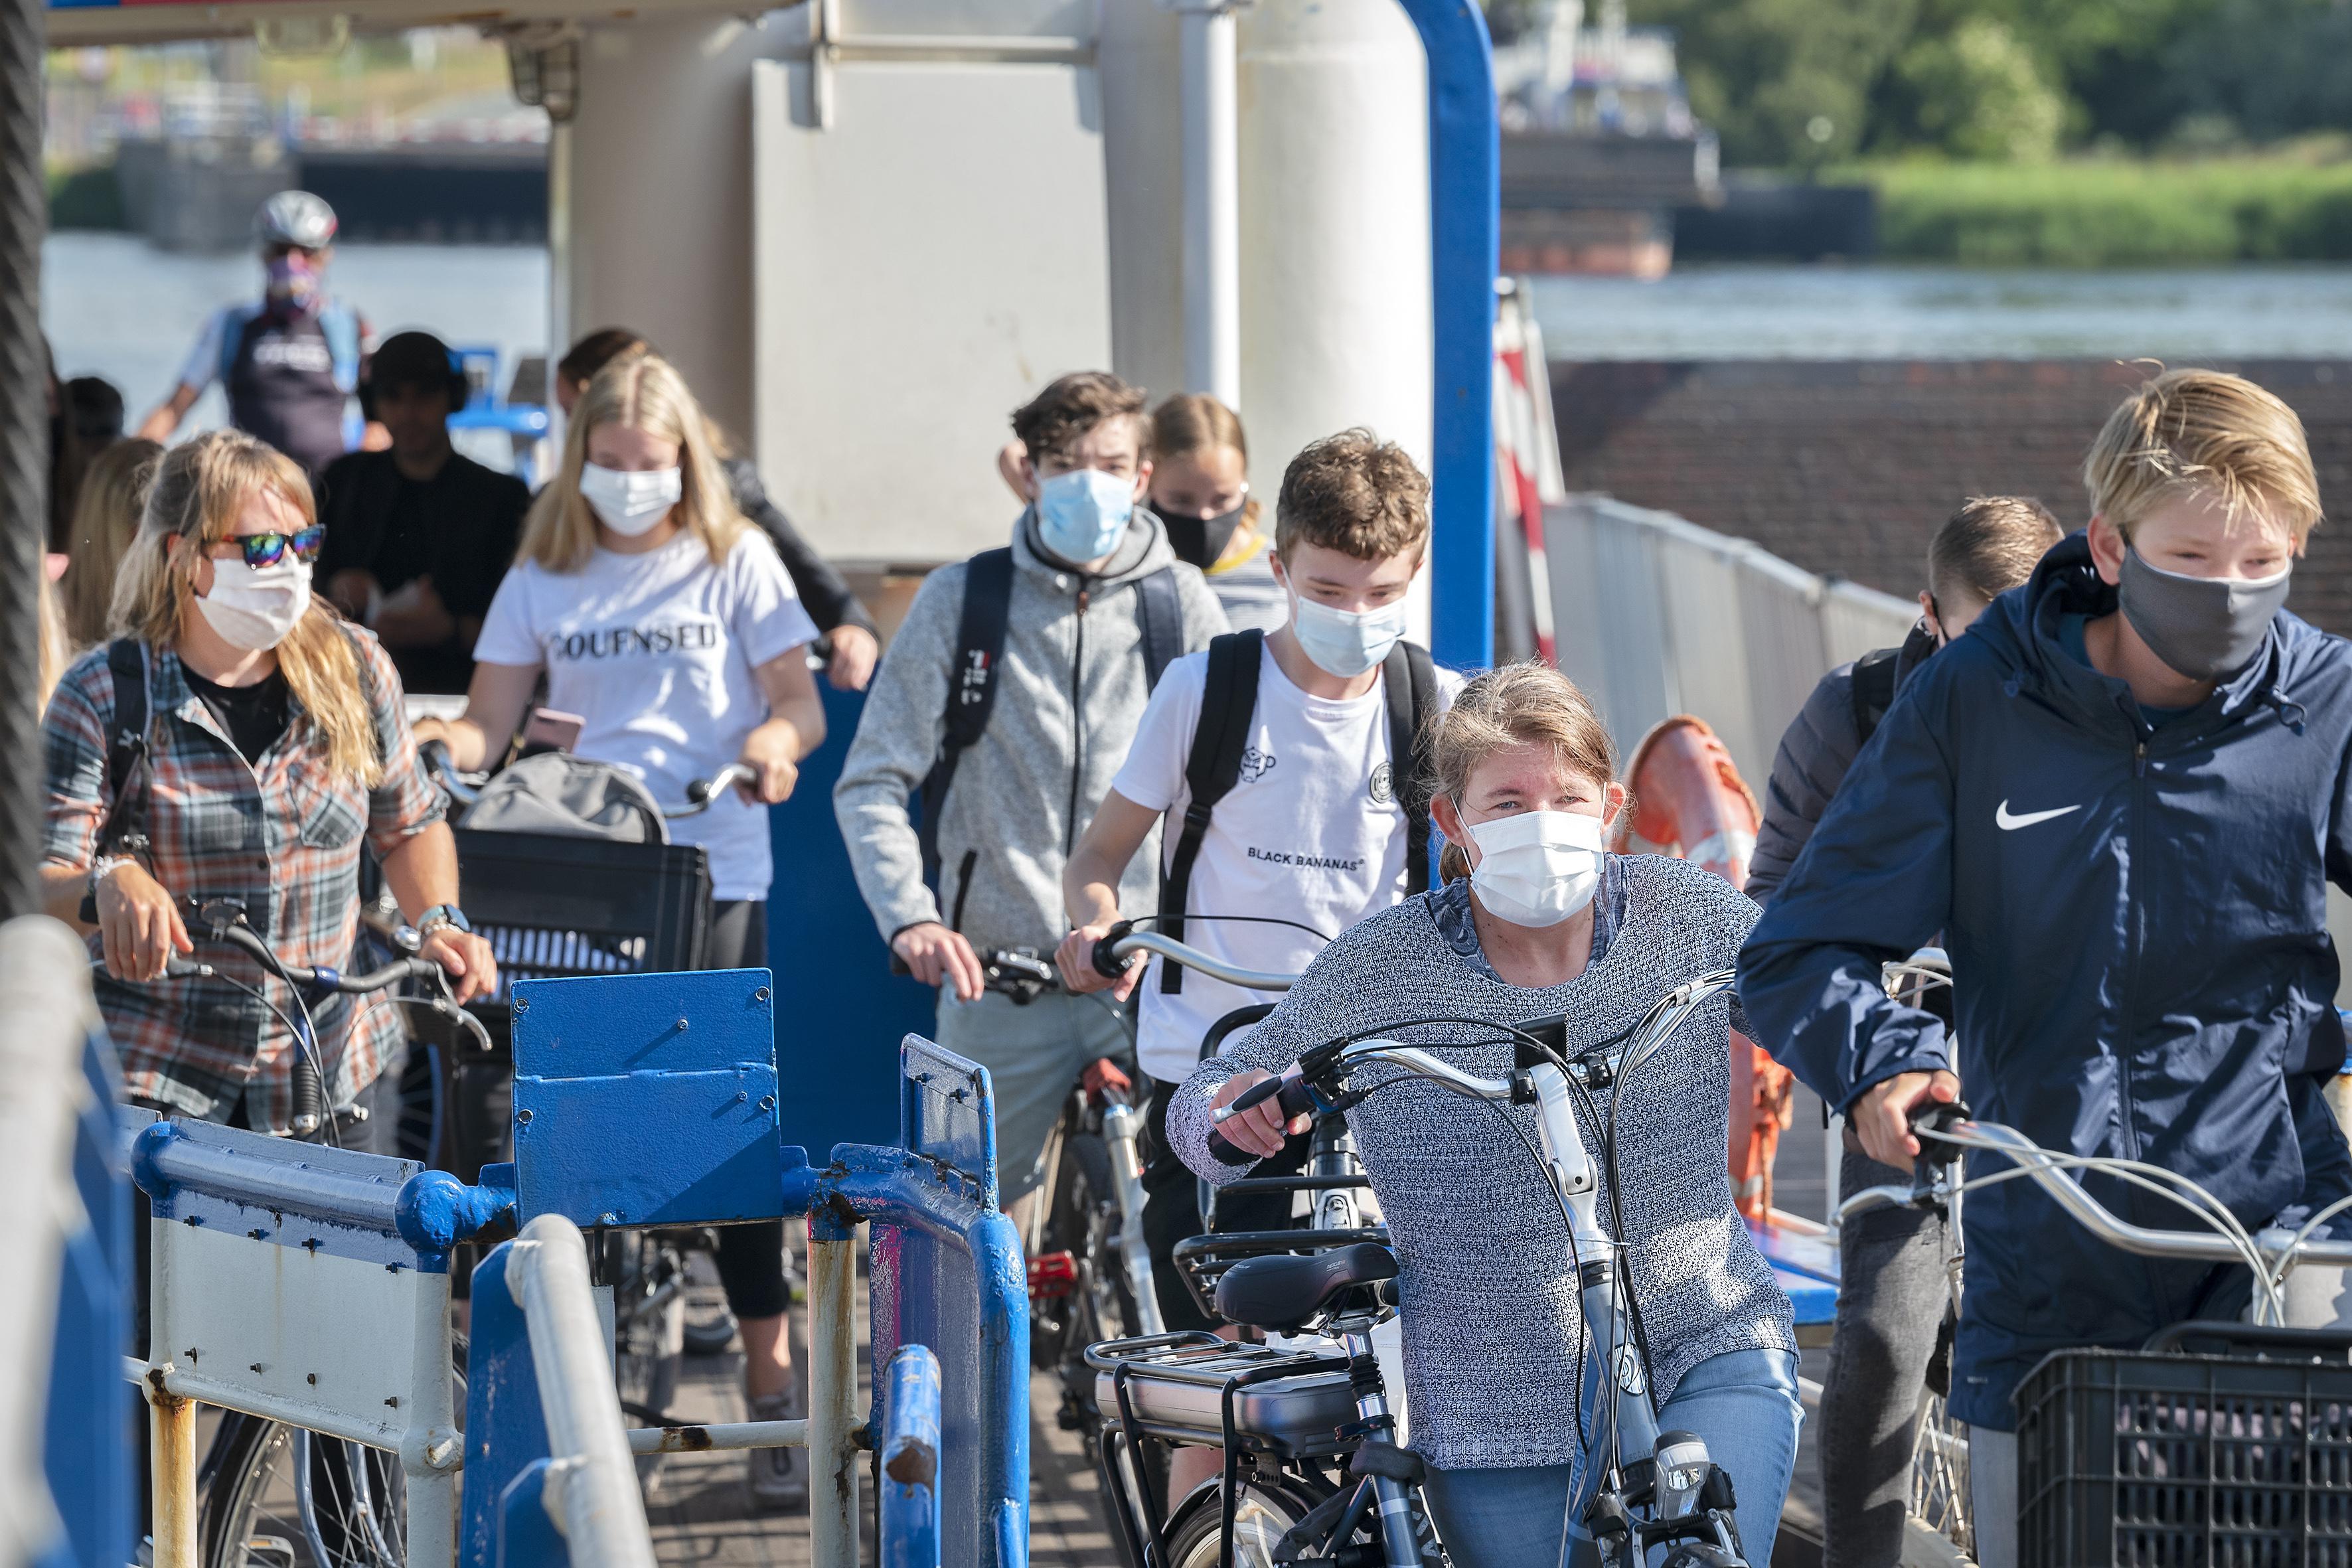 Zaanstad en Velsen willen niet handhaven op mondkapjes op de pont: 'GVB is verantwoordelijk'